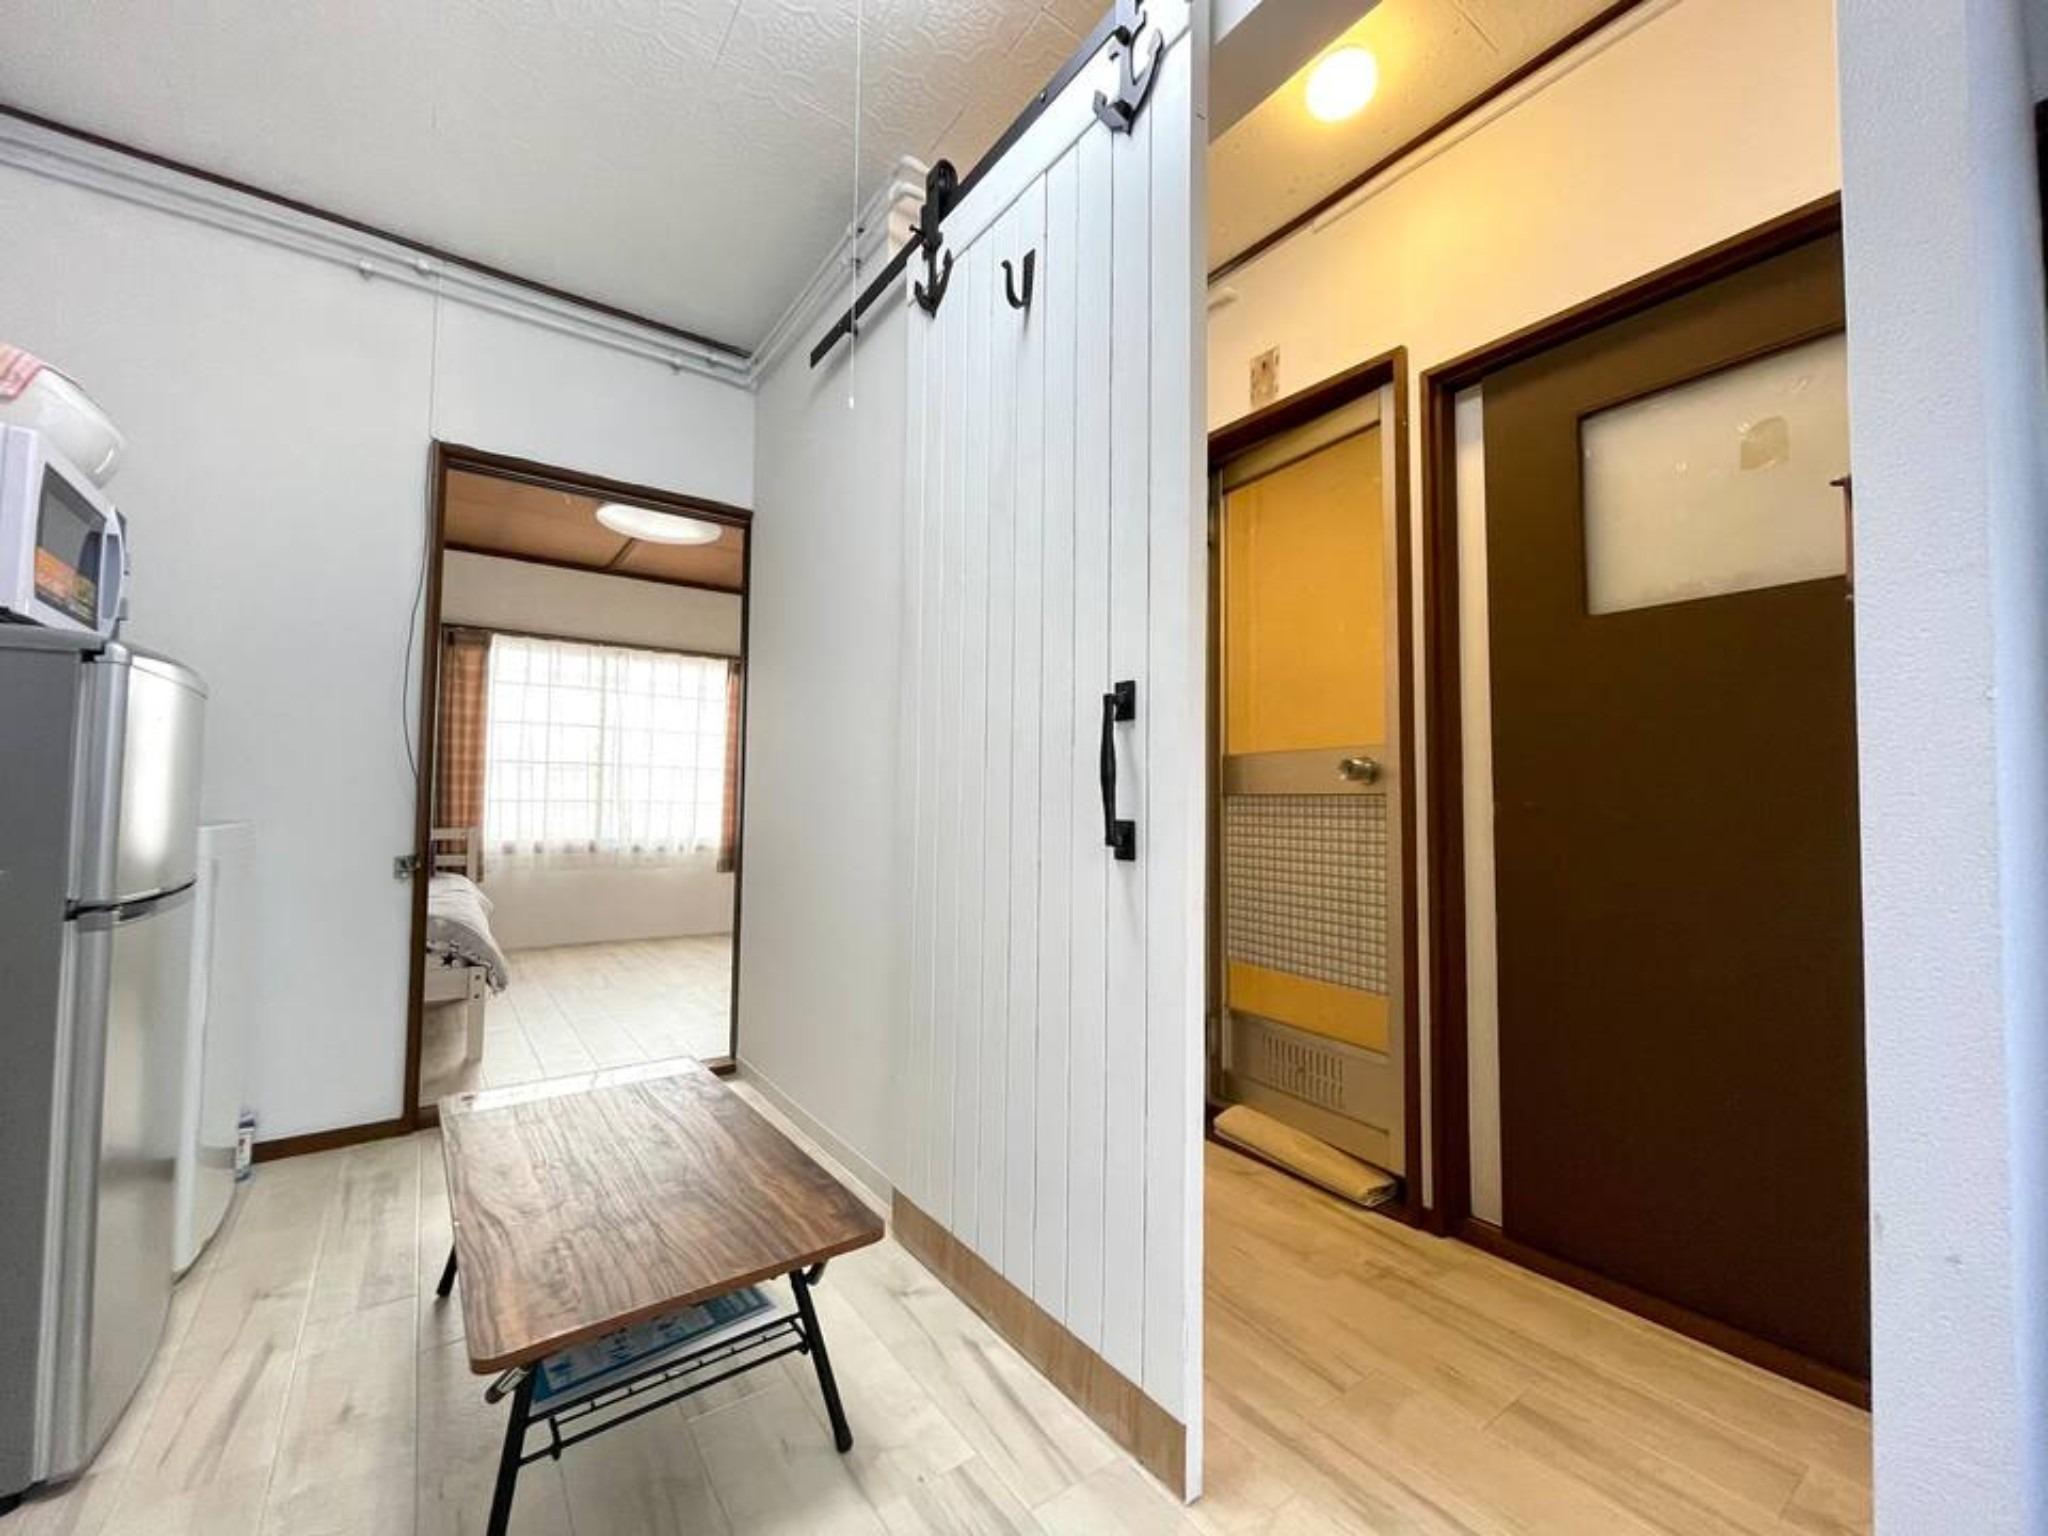 札幌都心まで約8分の格安施設♬白石区菊水エリア!リフォーム済みで美室です(102)